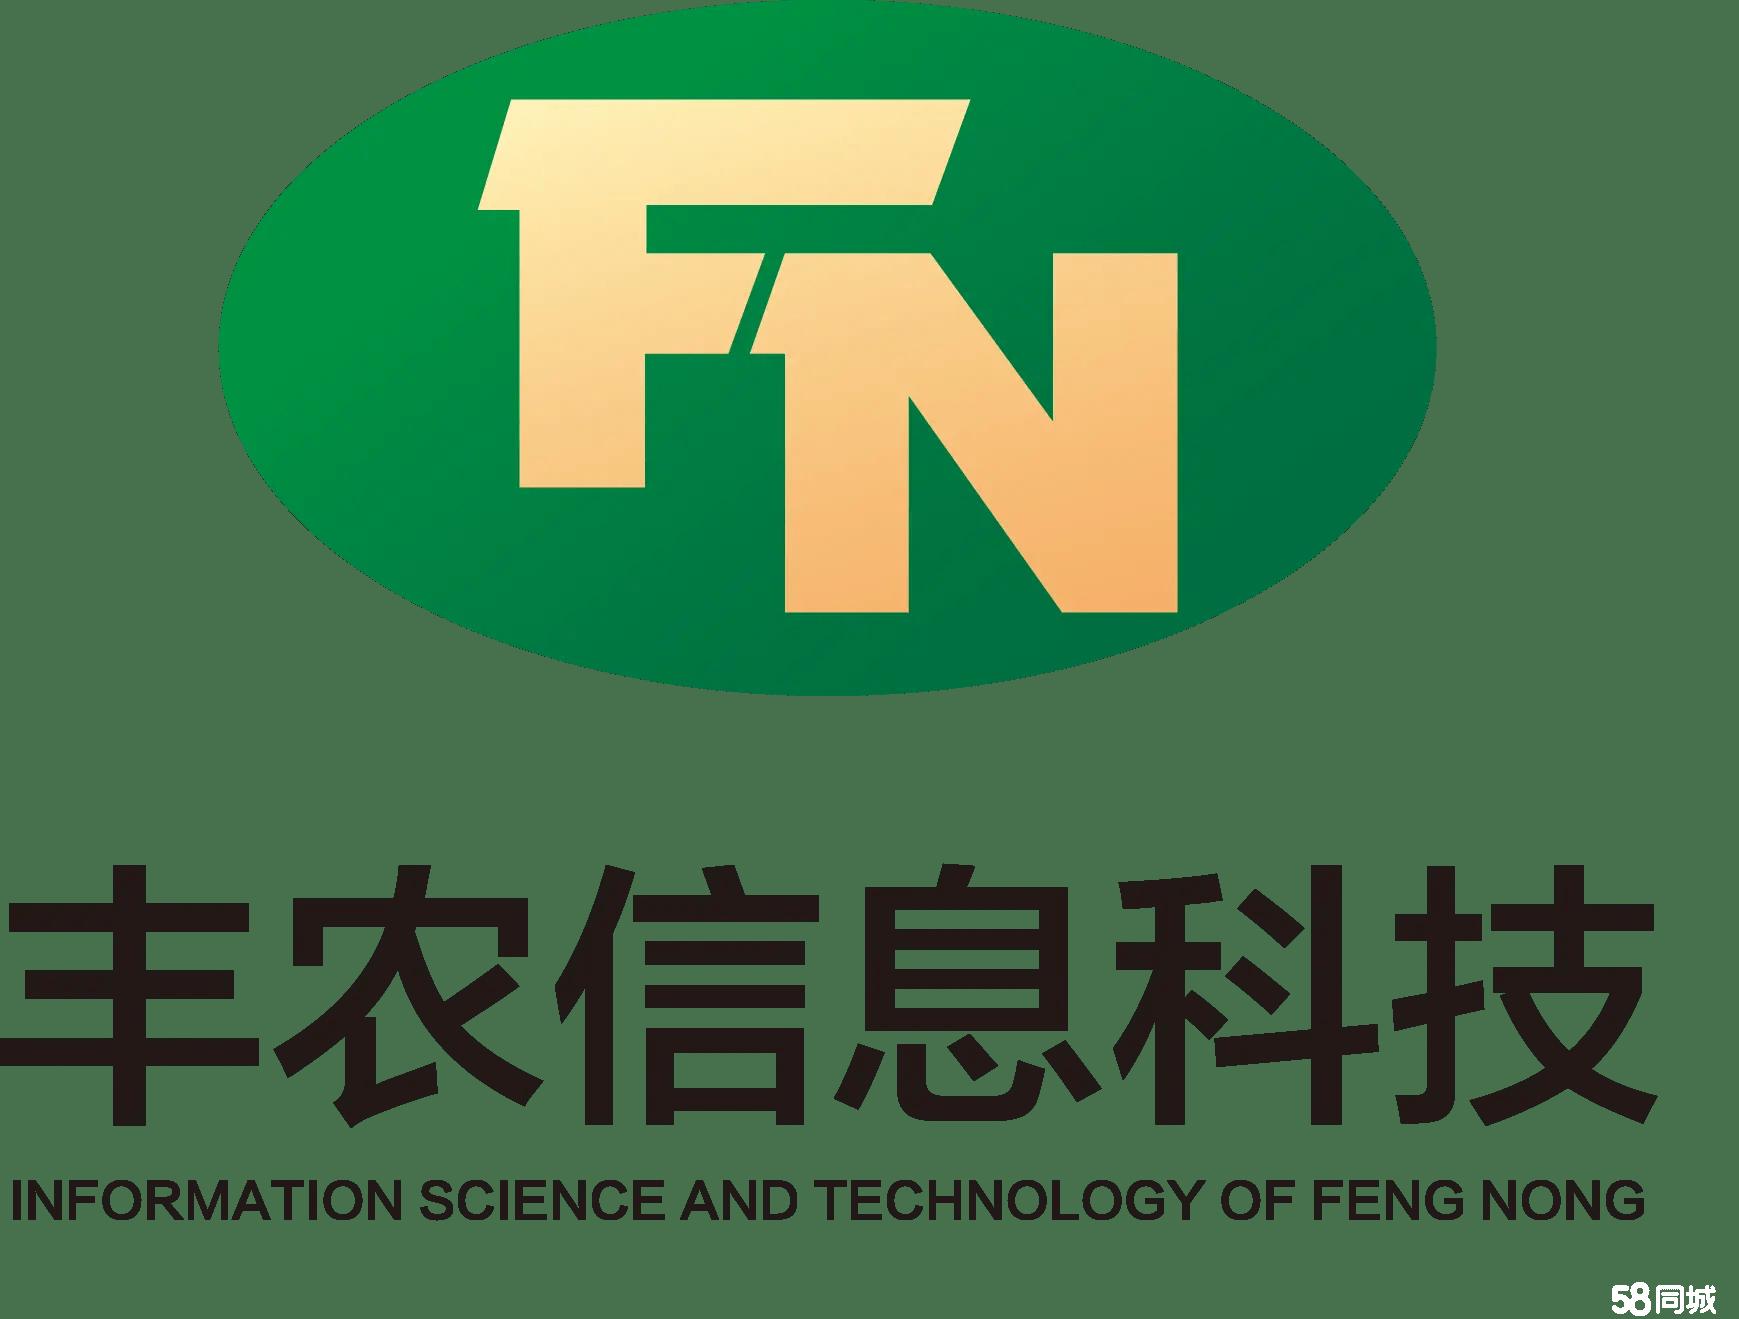 遼寧豐農信息科技有限公司成都分公司2020最新招聘信息_電話_地址 - 58企業名錄